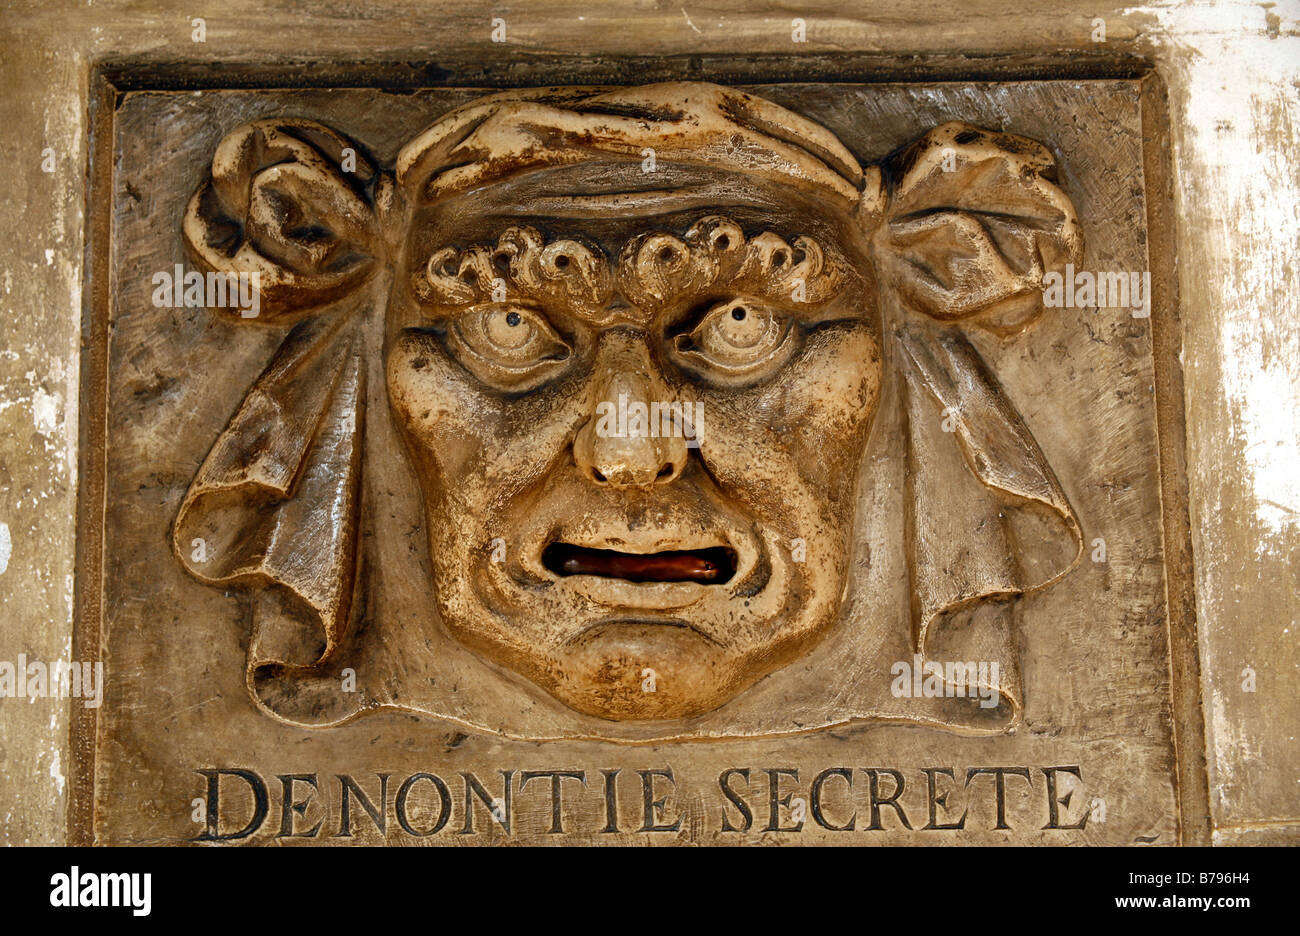 Denontie Secrete, letterbox in the Palazzo Ducale, Venice, Italy Stock Photo